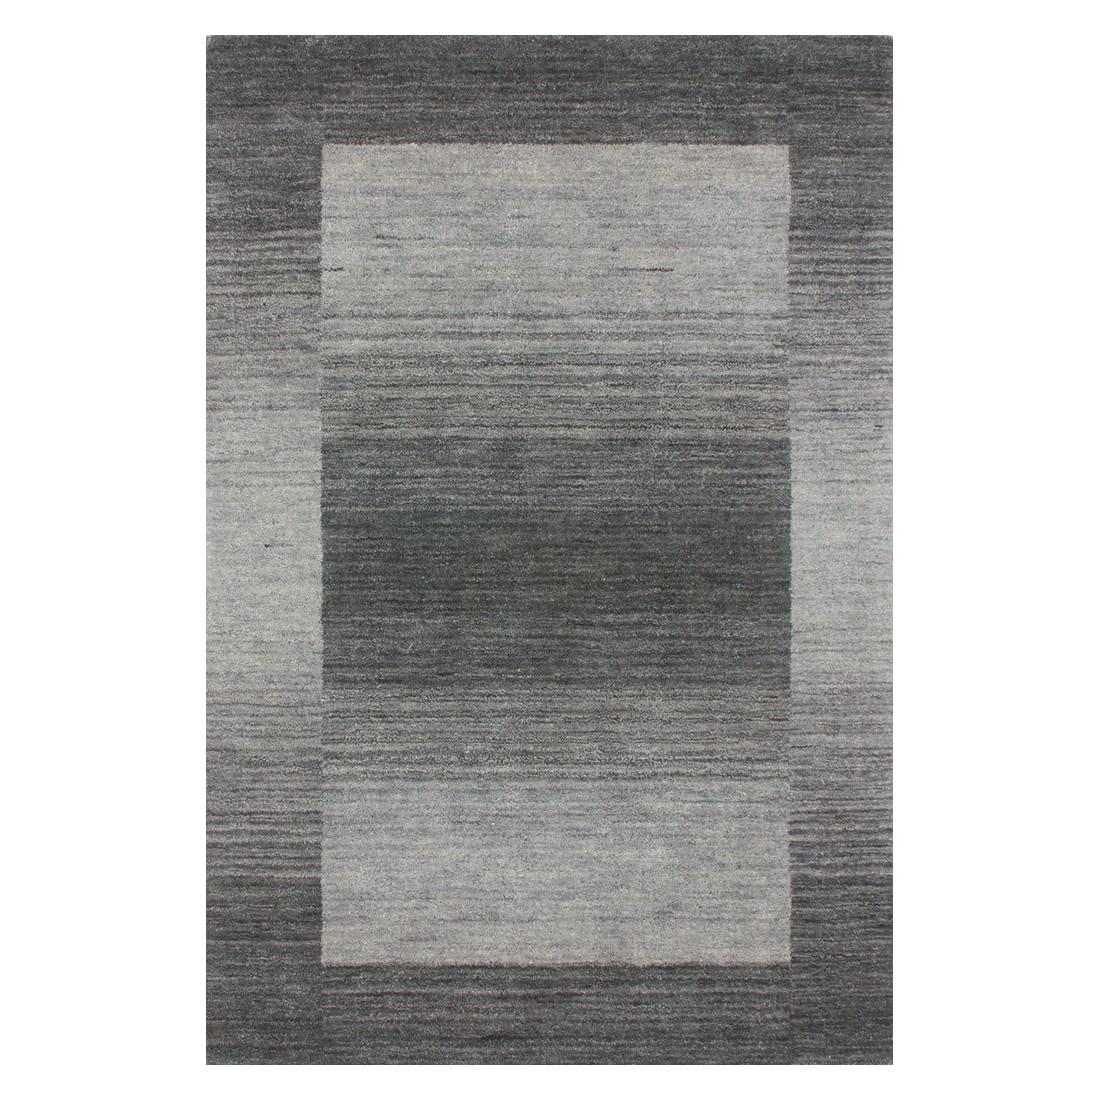 Teppich Gabbeh – Silber – 200 x 290 cm, Kayoom günstig online kaufen